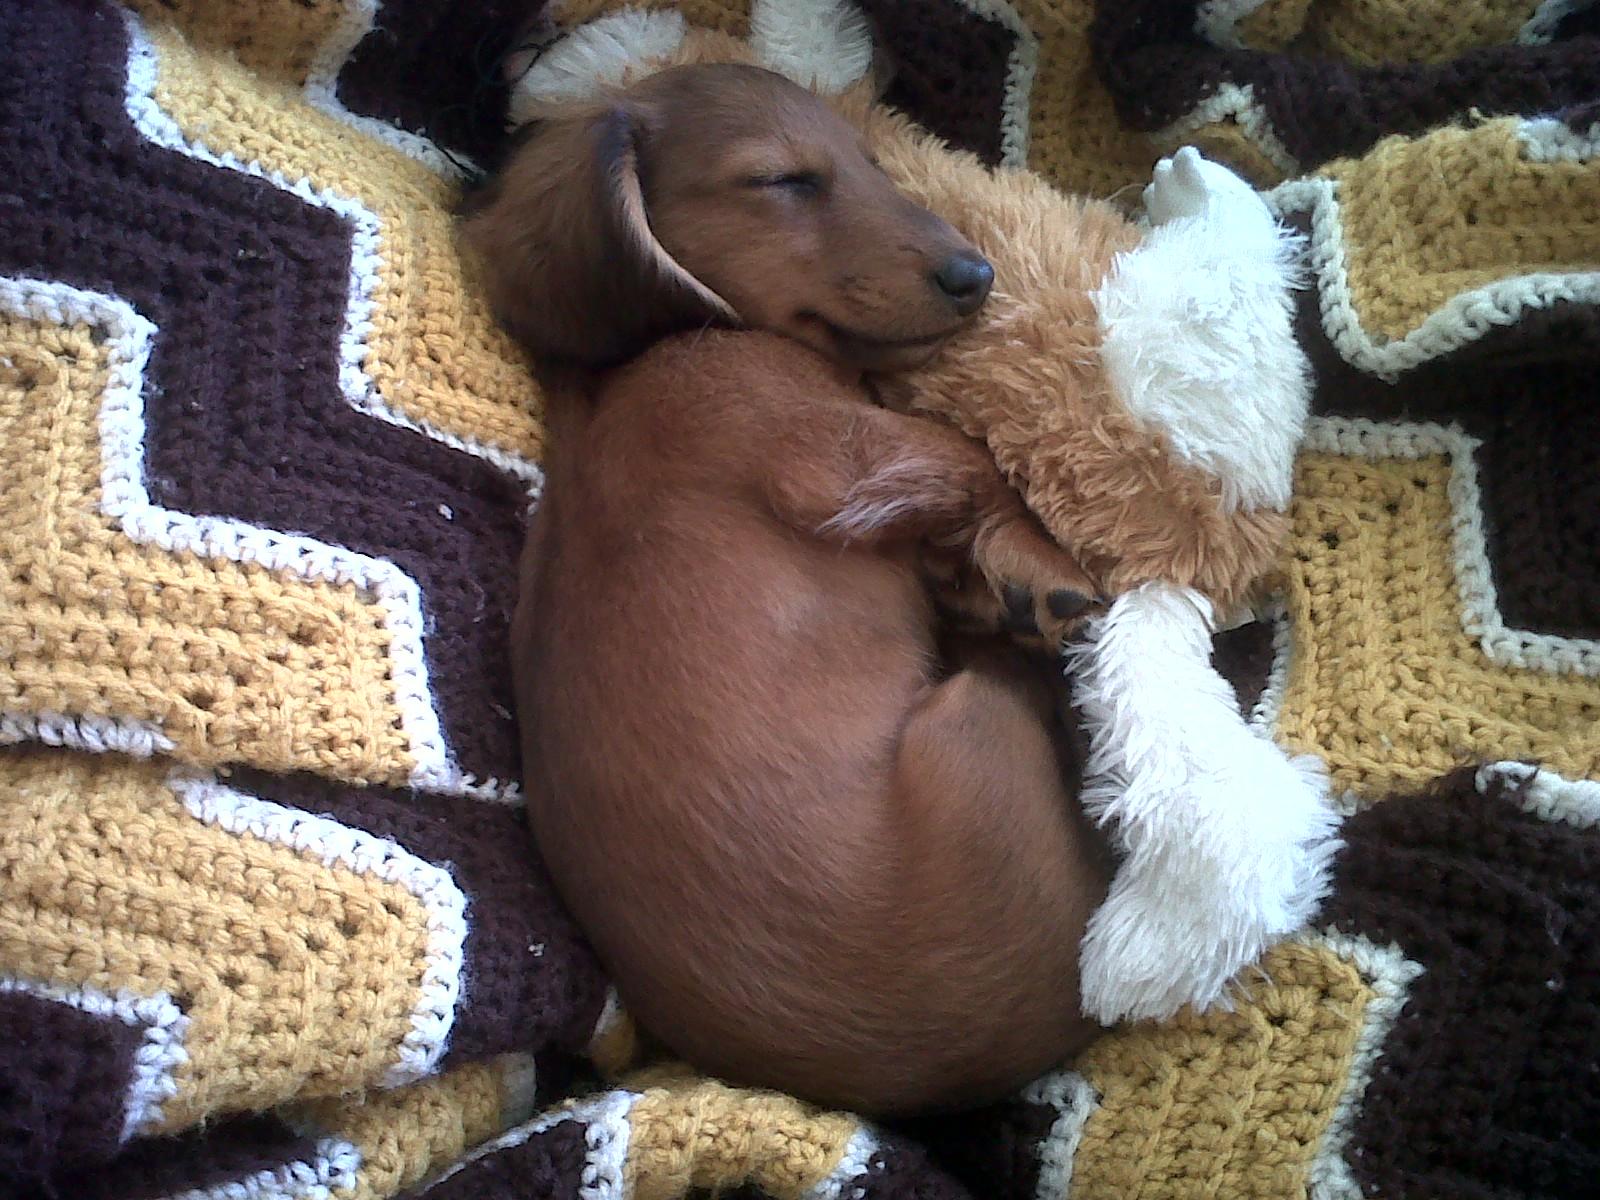 Puppy sleeping with teddy bear